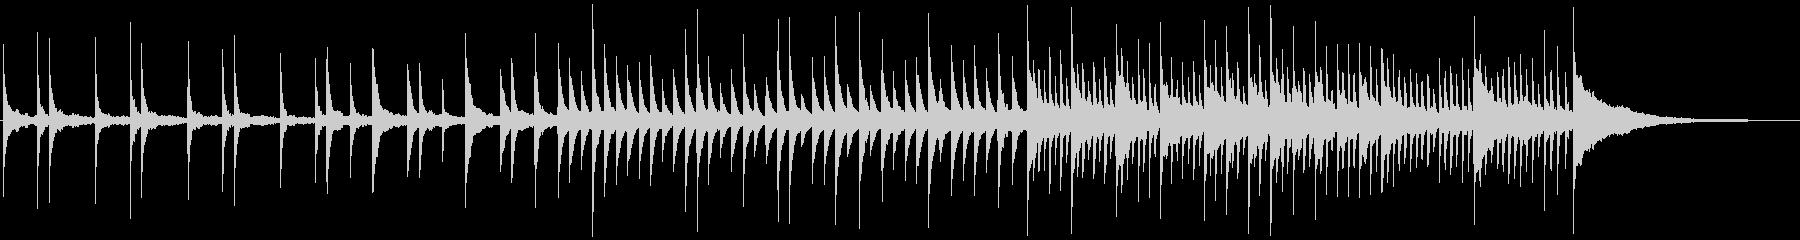 切なく悲しげなソロピアノ・ゆっくりの未再生の波形